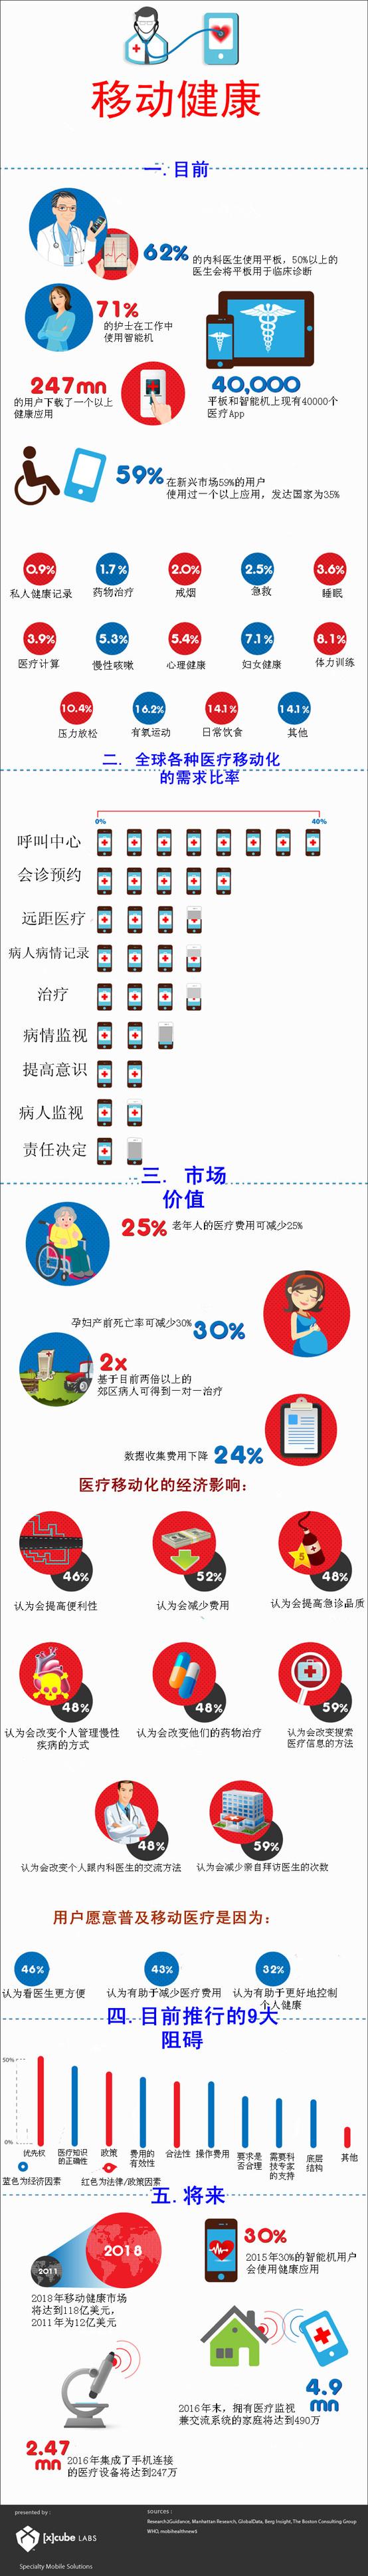 移动医疗未来调查:老年人医疗费可减少25... Health app